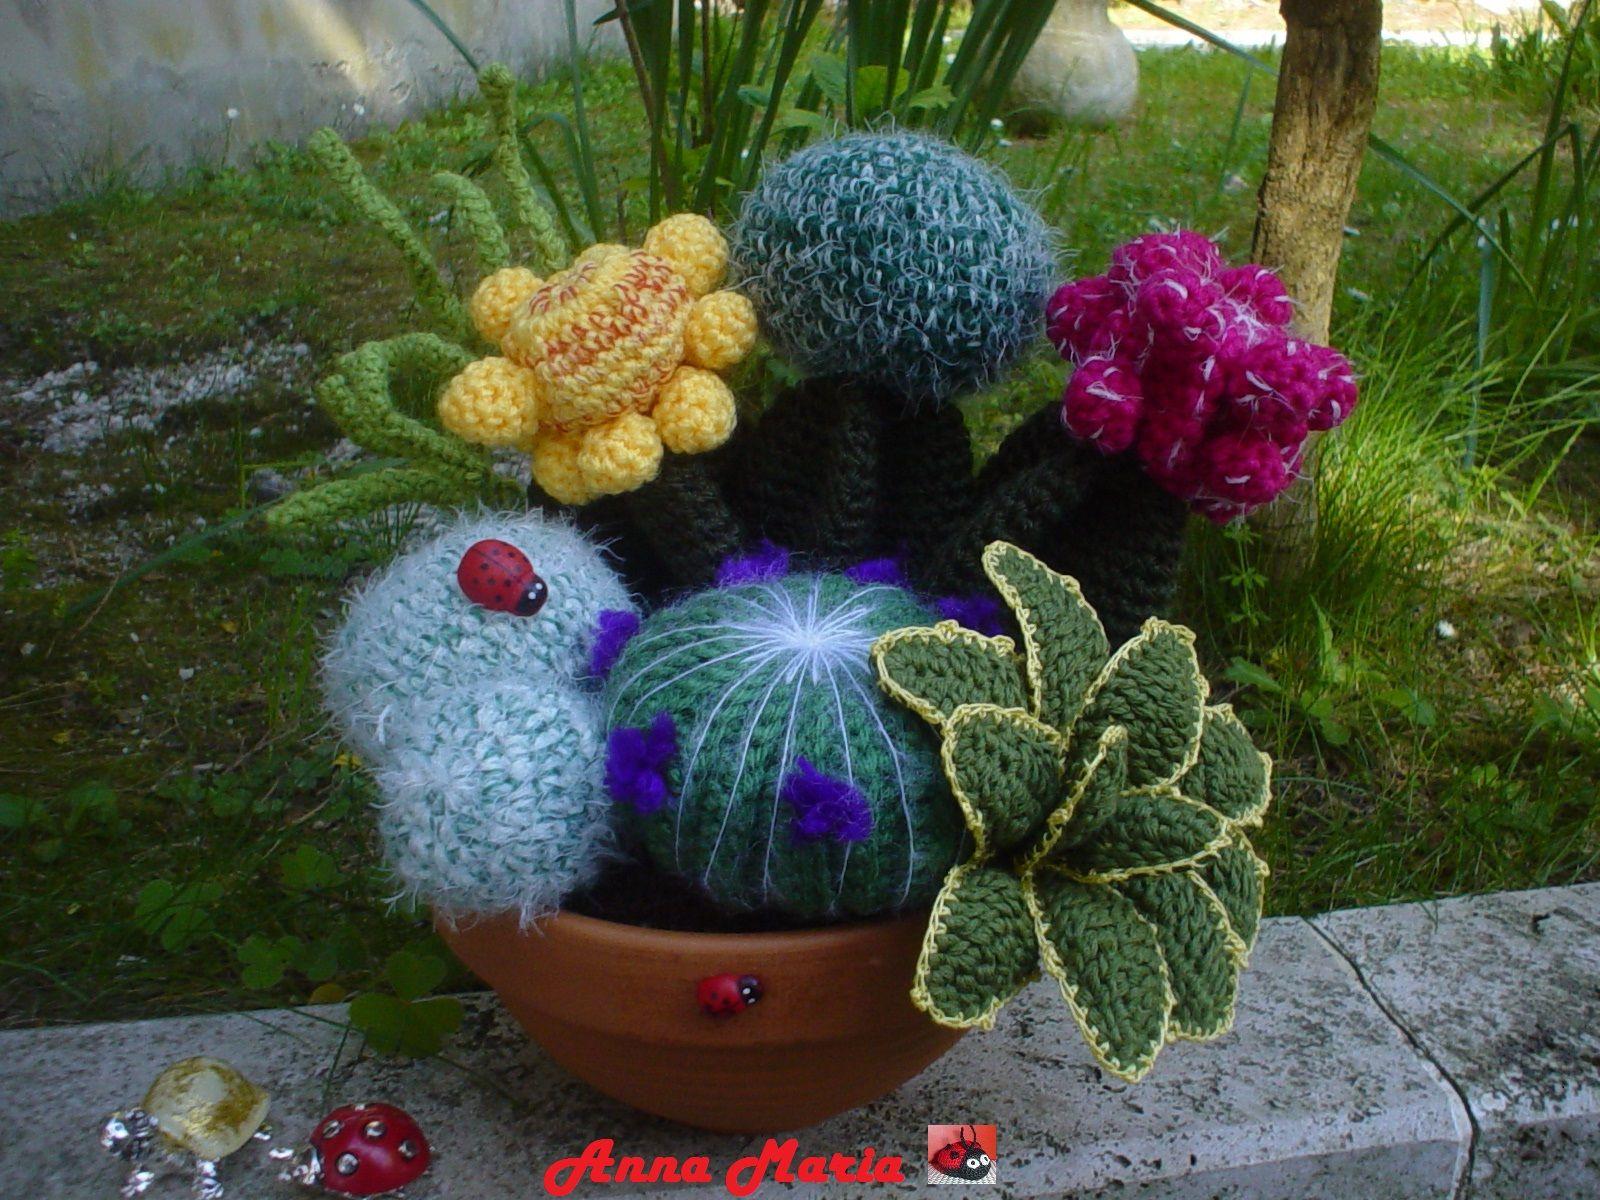 Pianta grassa all'uncinetto - Succulent plant - YouTube | 1200x1600